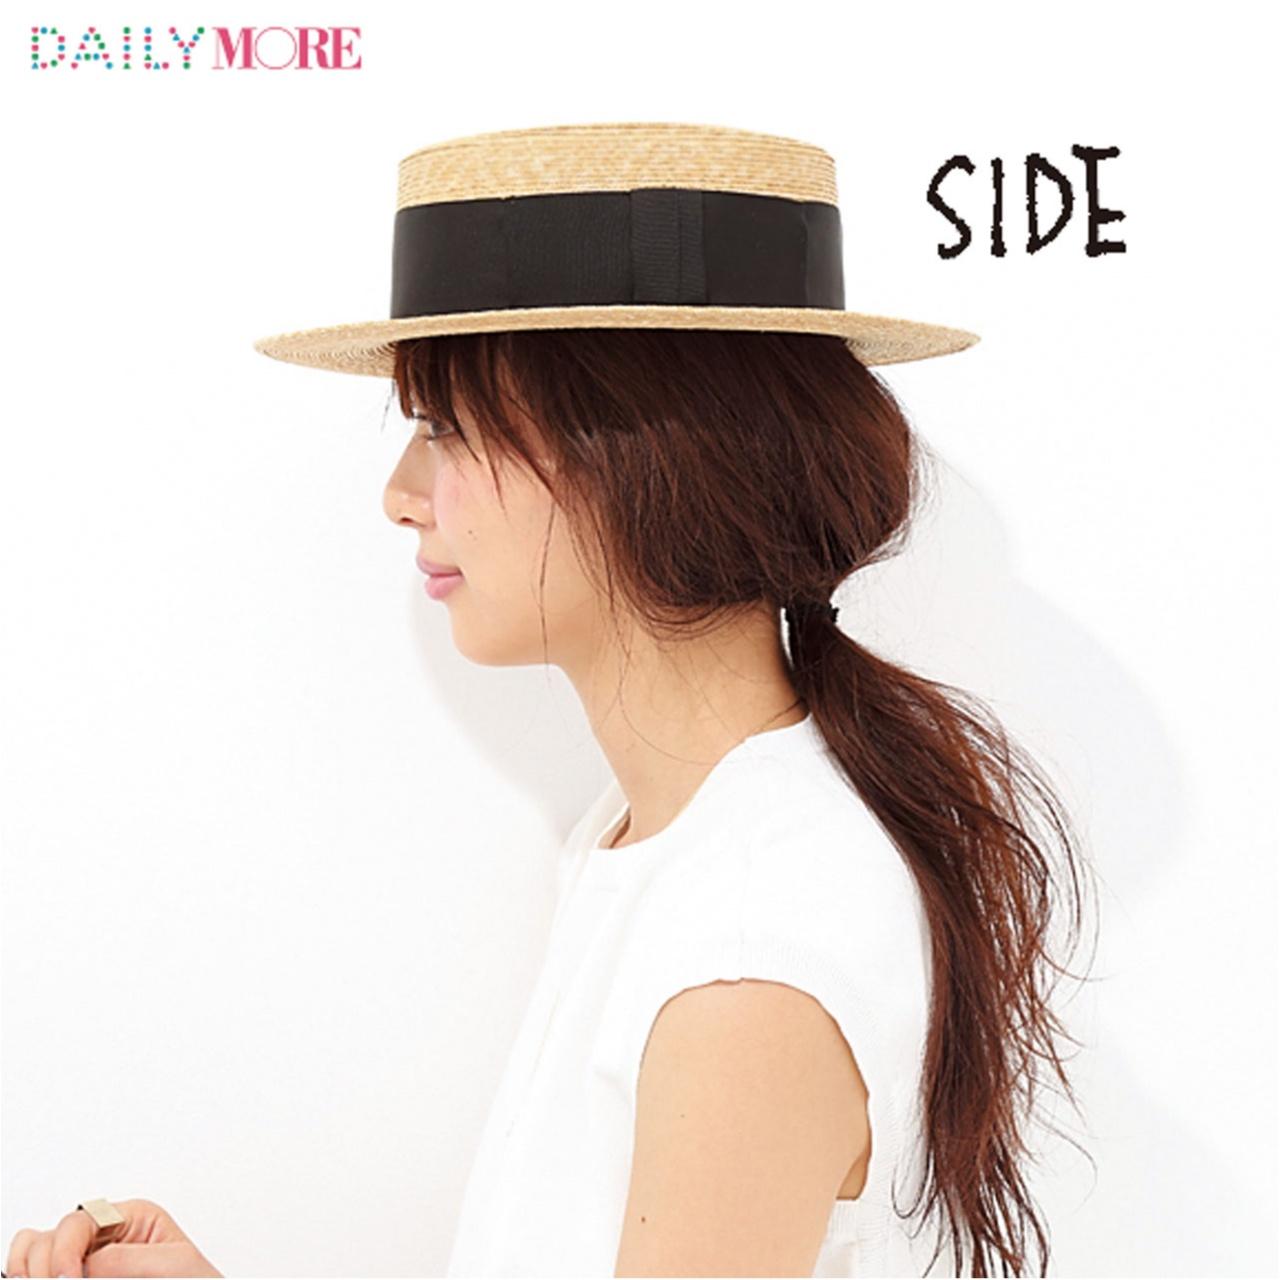 ラフさが断然かわいい! 「カンカン帽をかぶる日」の1分間夏ヘアアレンジ♡_3